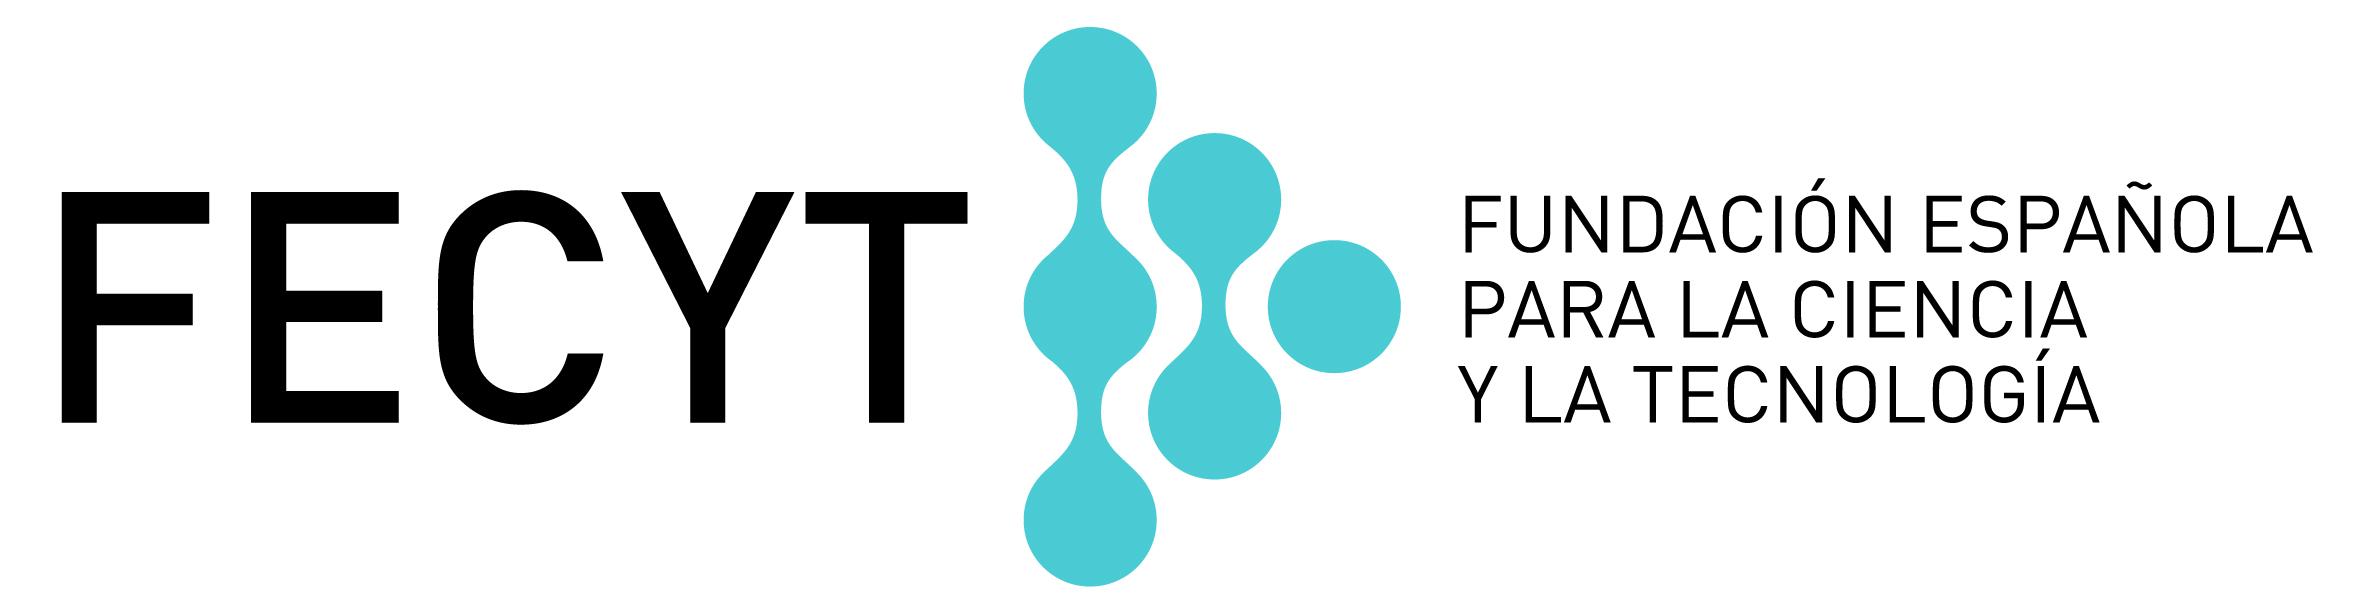 Fecyt logo